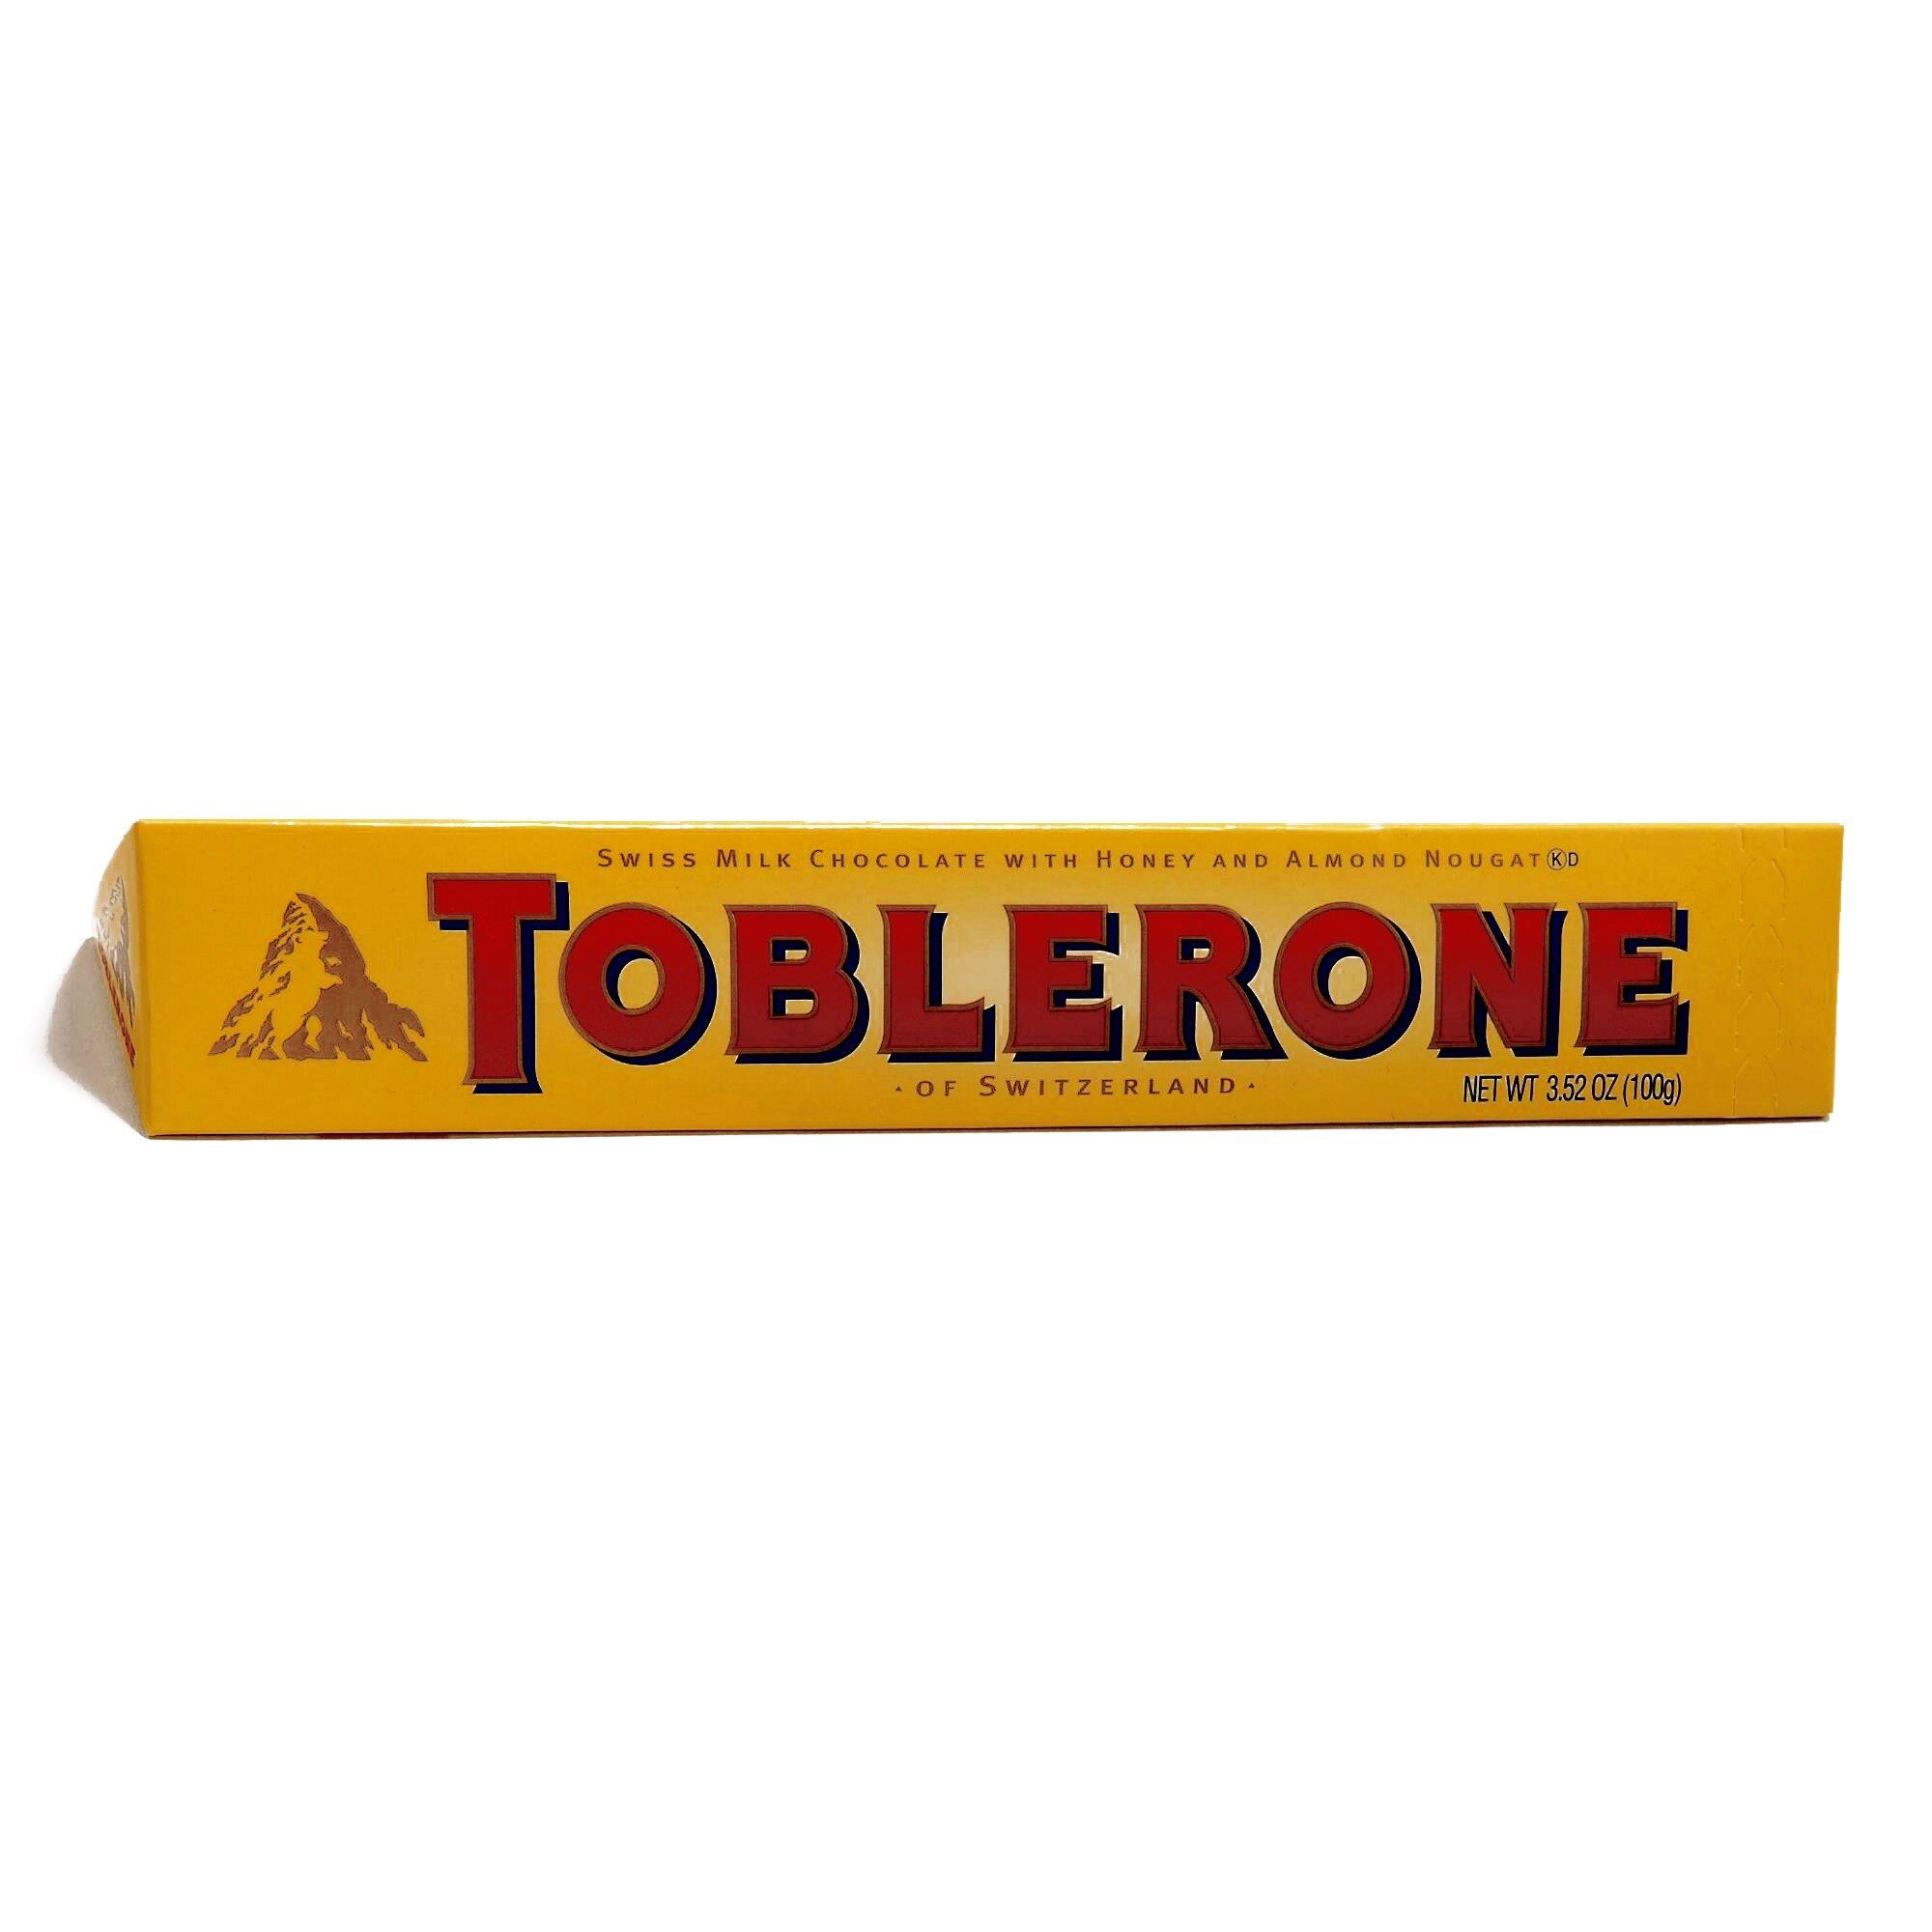 Toblerone Milk Chocolate Bar 3.52 oz each (2 Items Per Order)